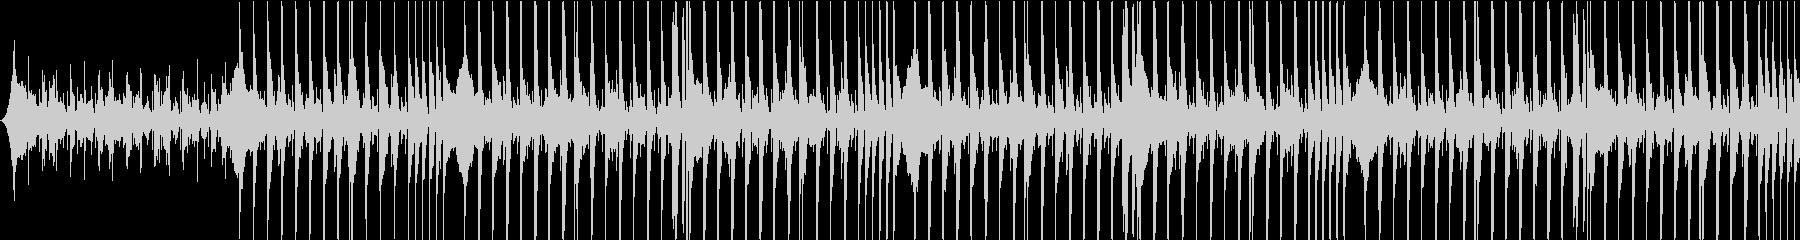 クールで最先端感溢れるBGMの未再生の波形